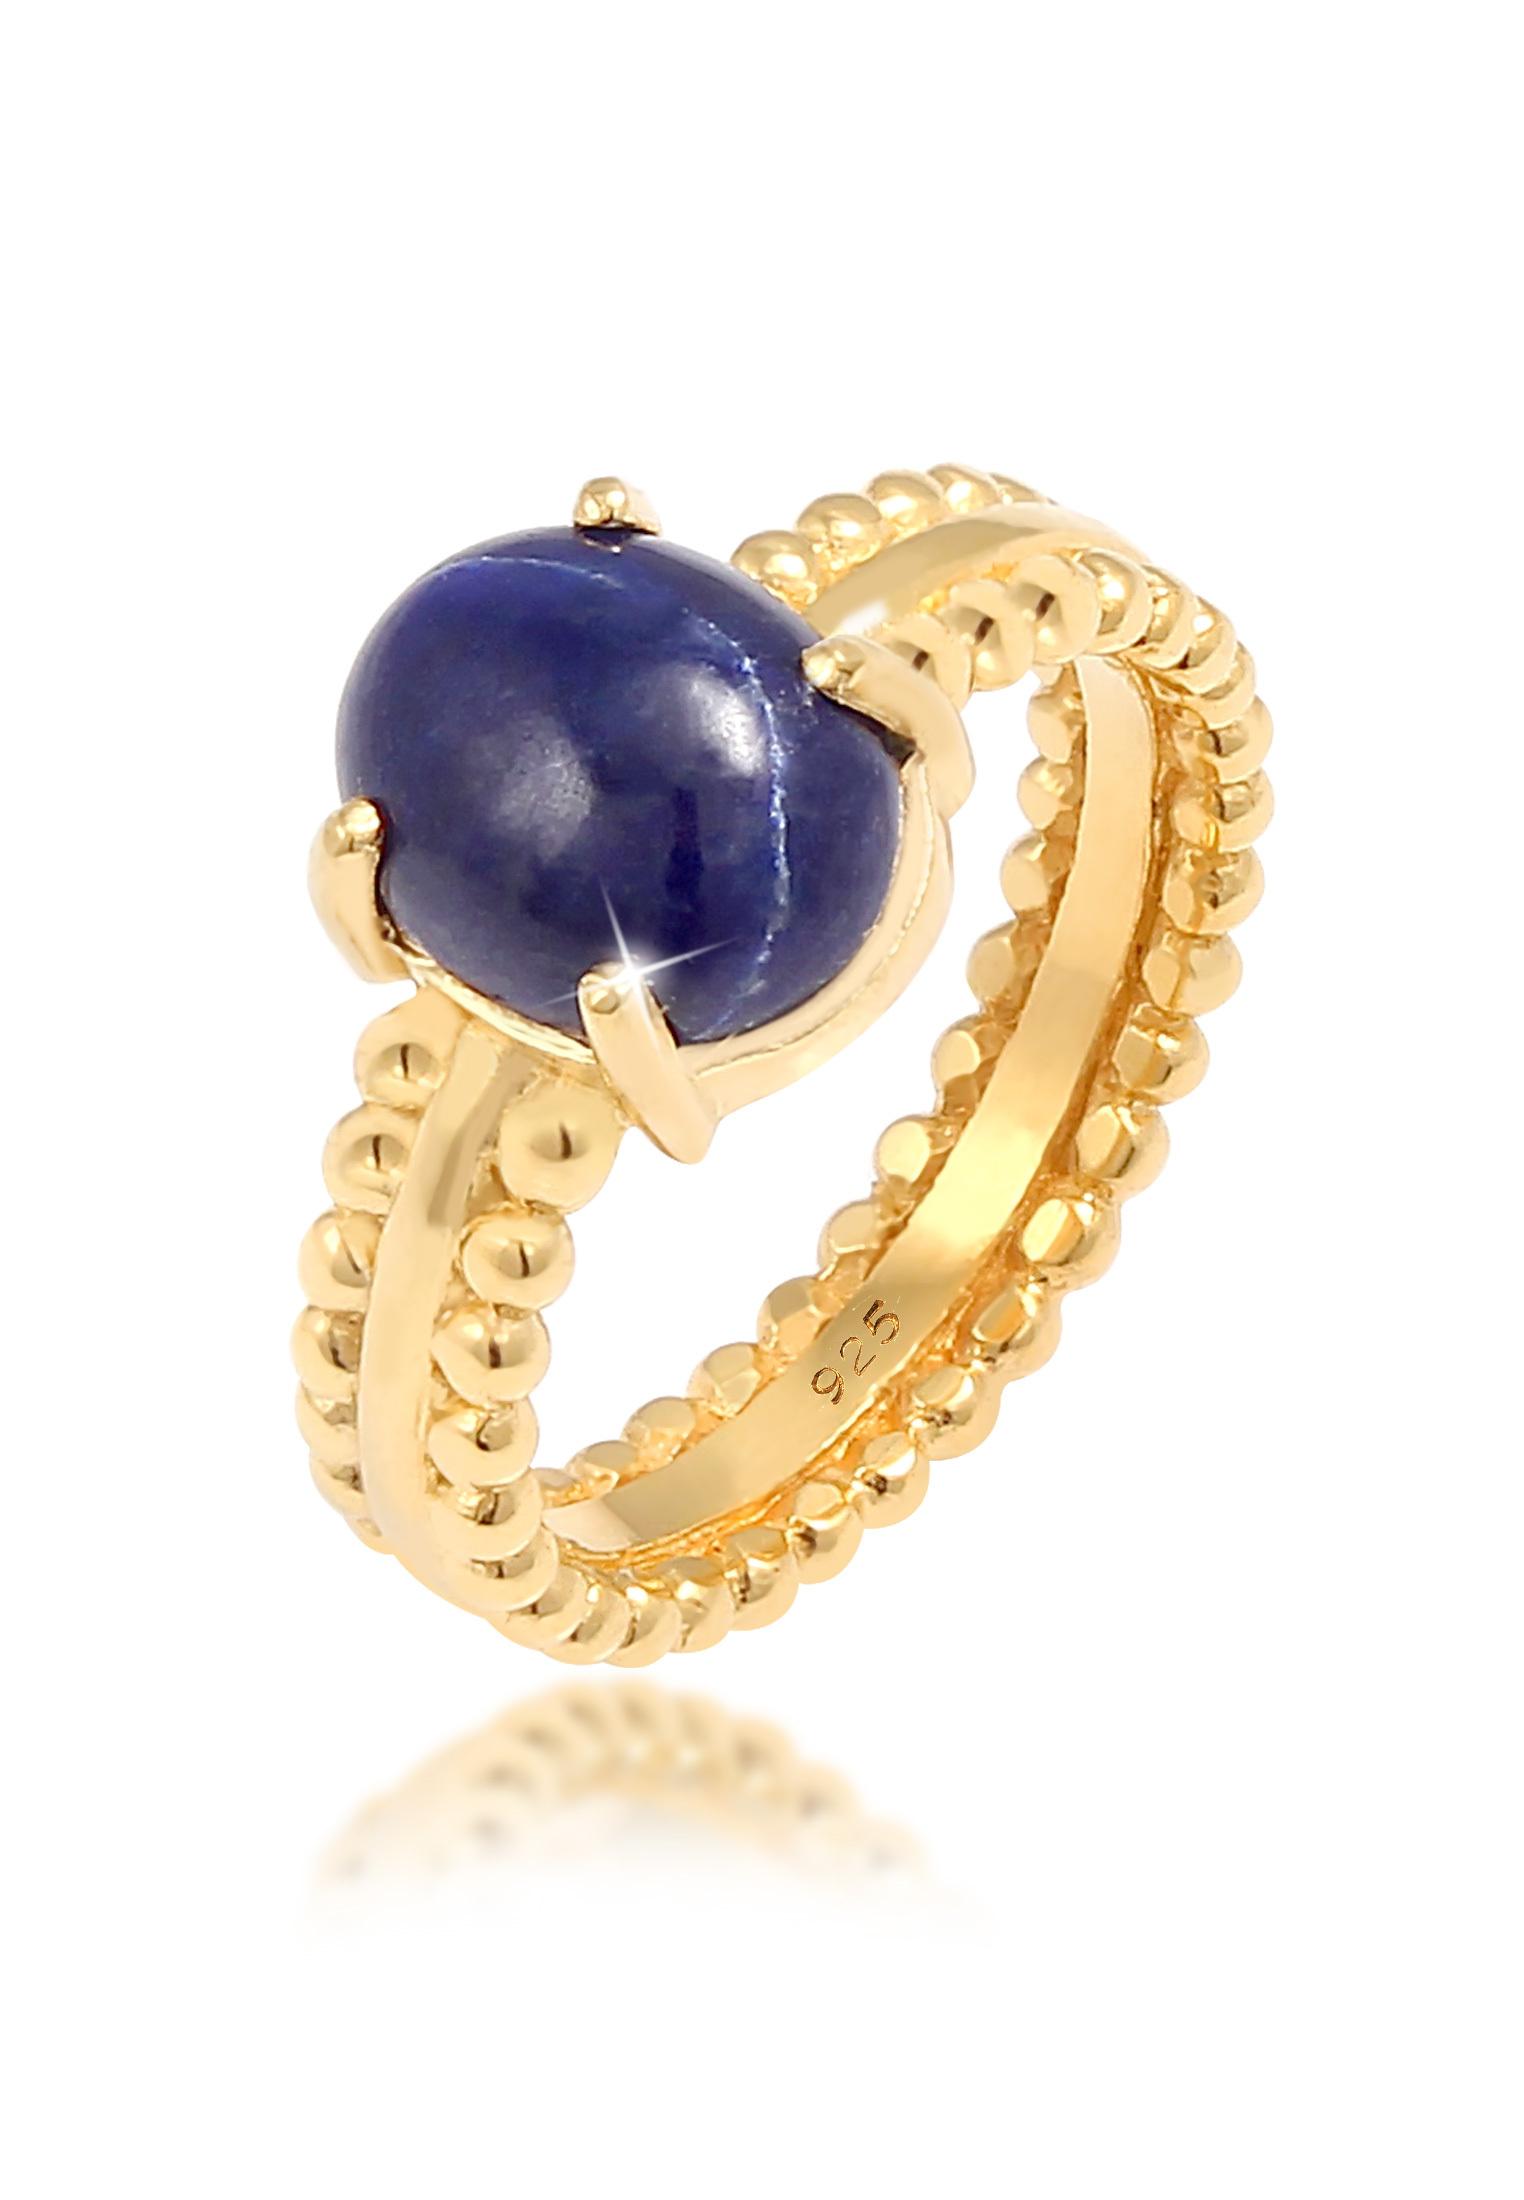 Ring   Lapis Lazuli ( Blau )   925 Sterling Silber vergoldet